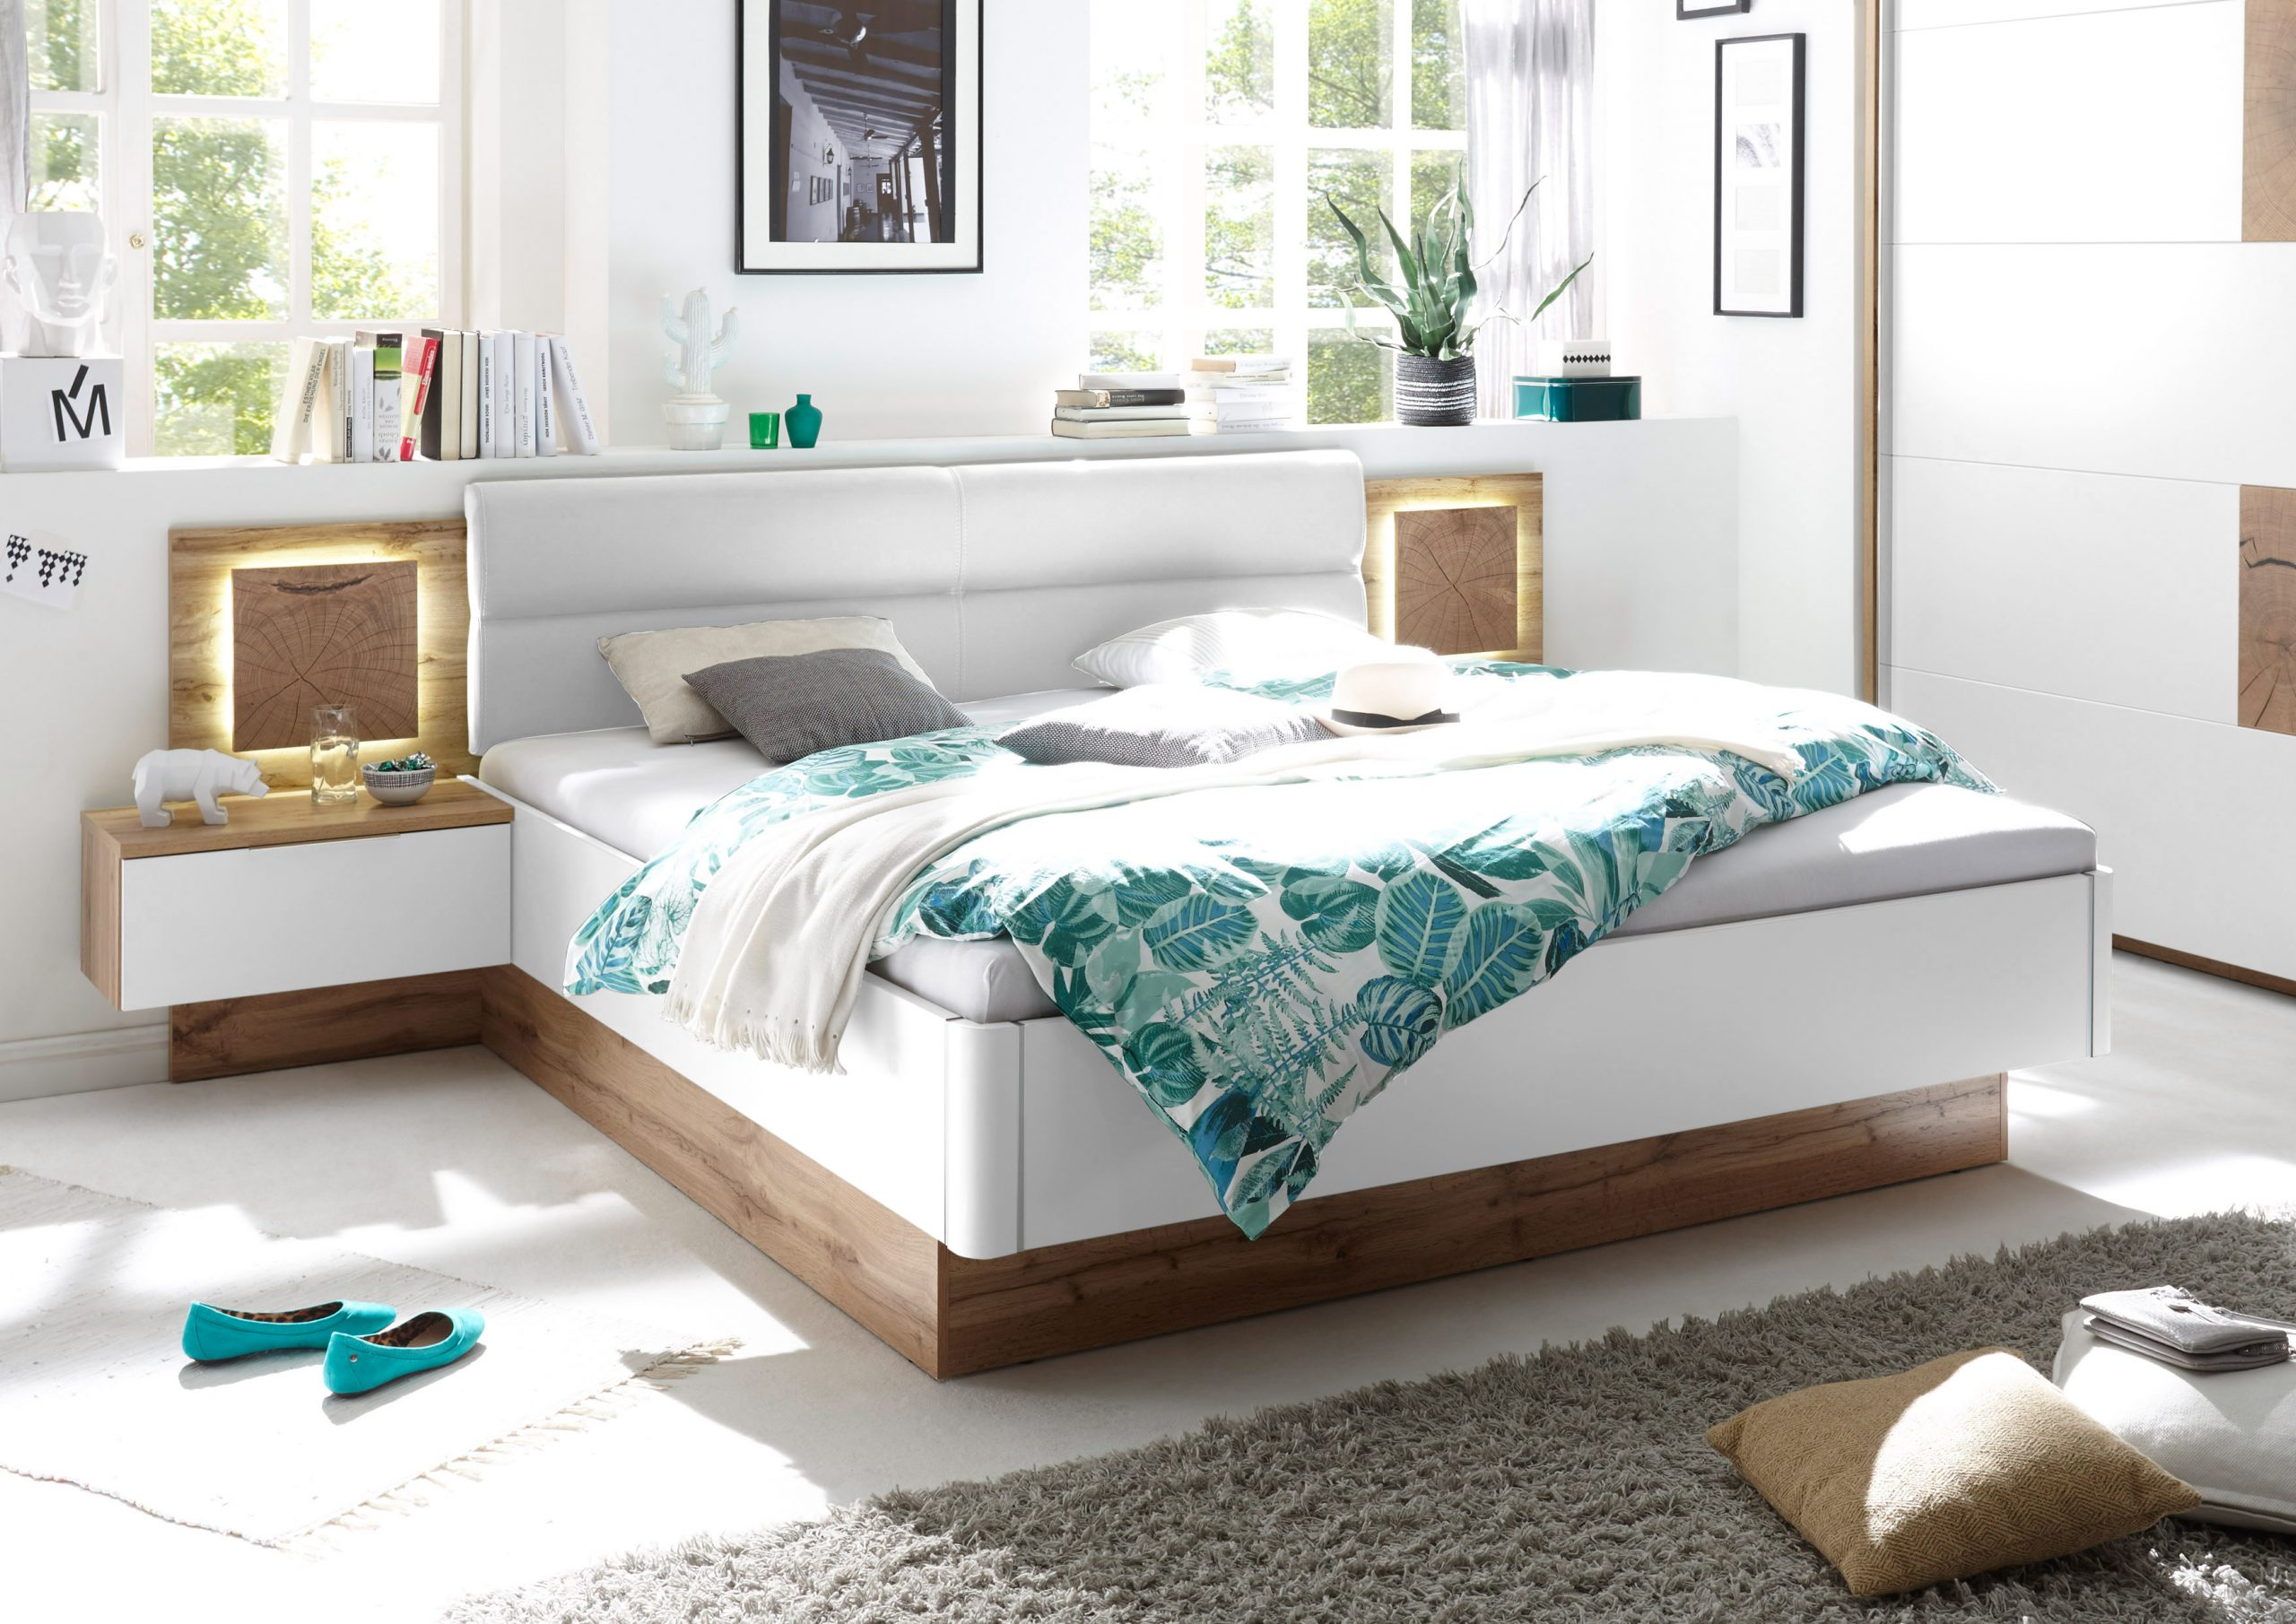 Full Size of Günstige Betten 180x200 Doppelbett Nachtkommoden Capri Bett Ehebett Schlafzimmer Für Teenager überlänge Eiche Massiv Rauch 140x200 Schwarz Paradies Bett Günstige Betten 180x200